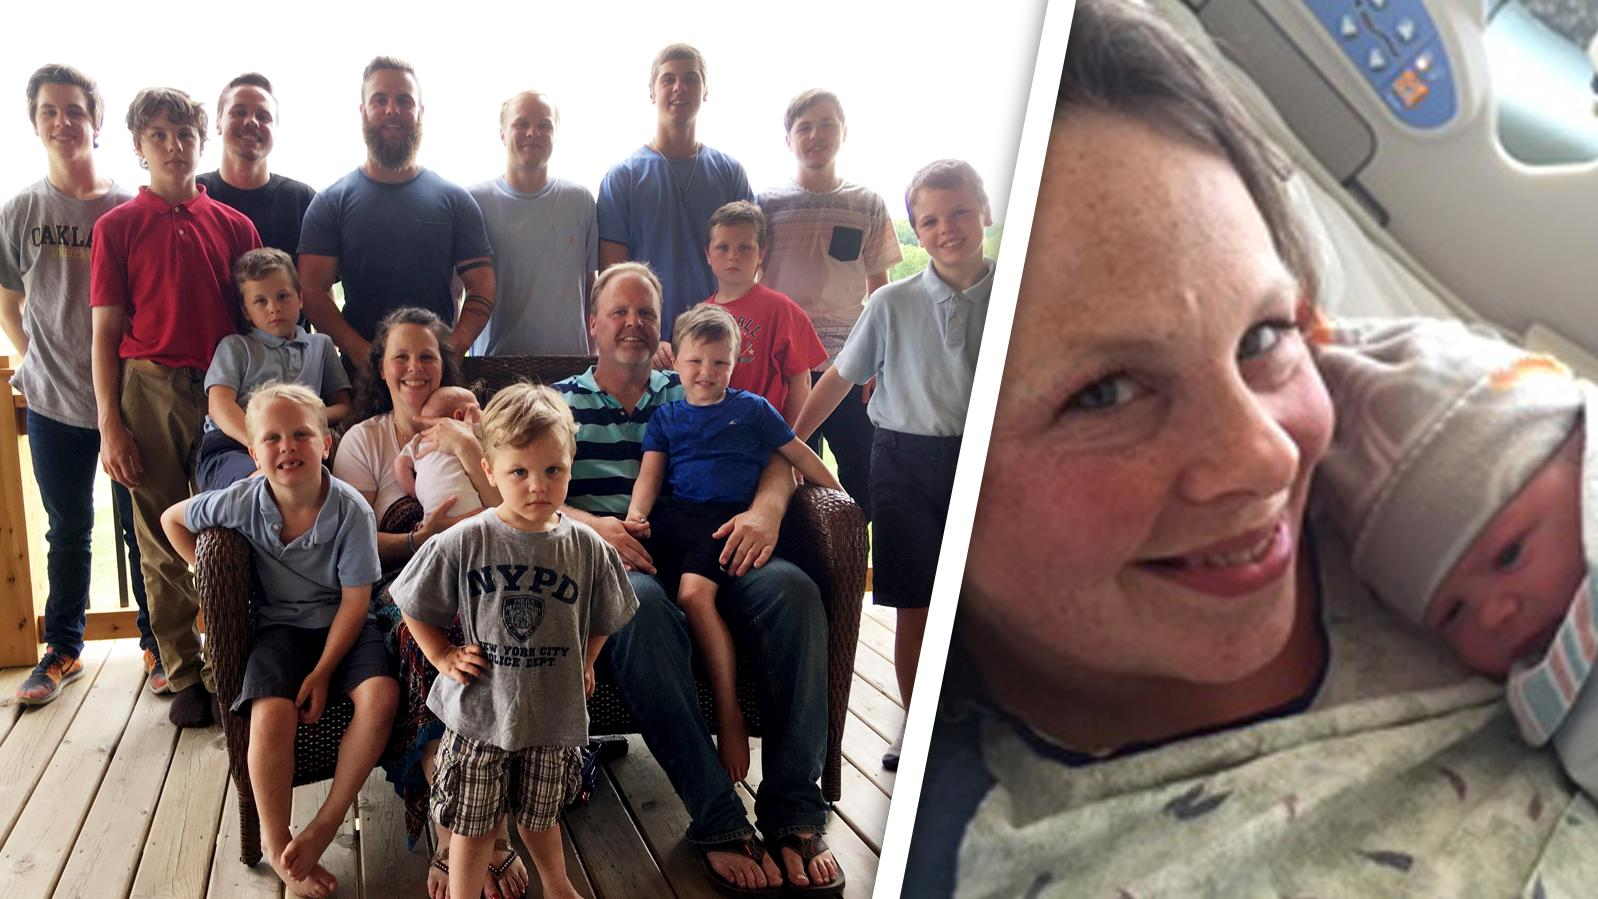 Endlich ein Mädchen: Eltern von XXL-Familie mit 14 Jungs